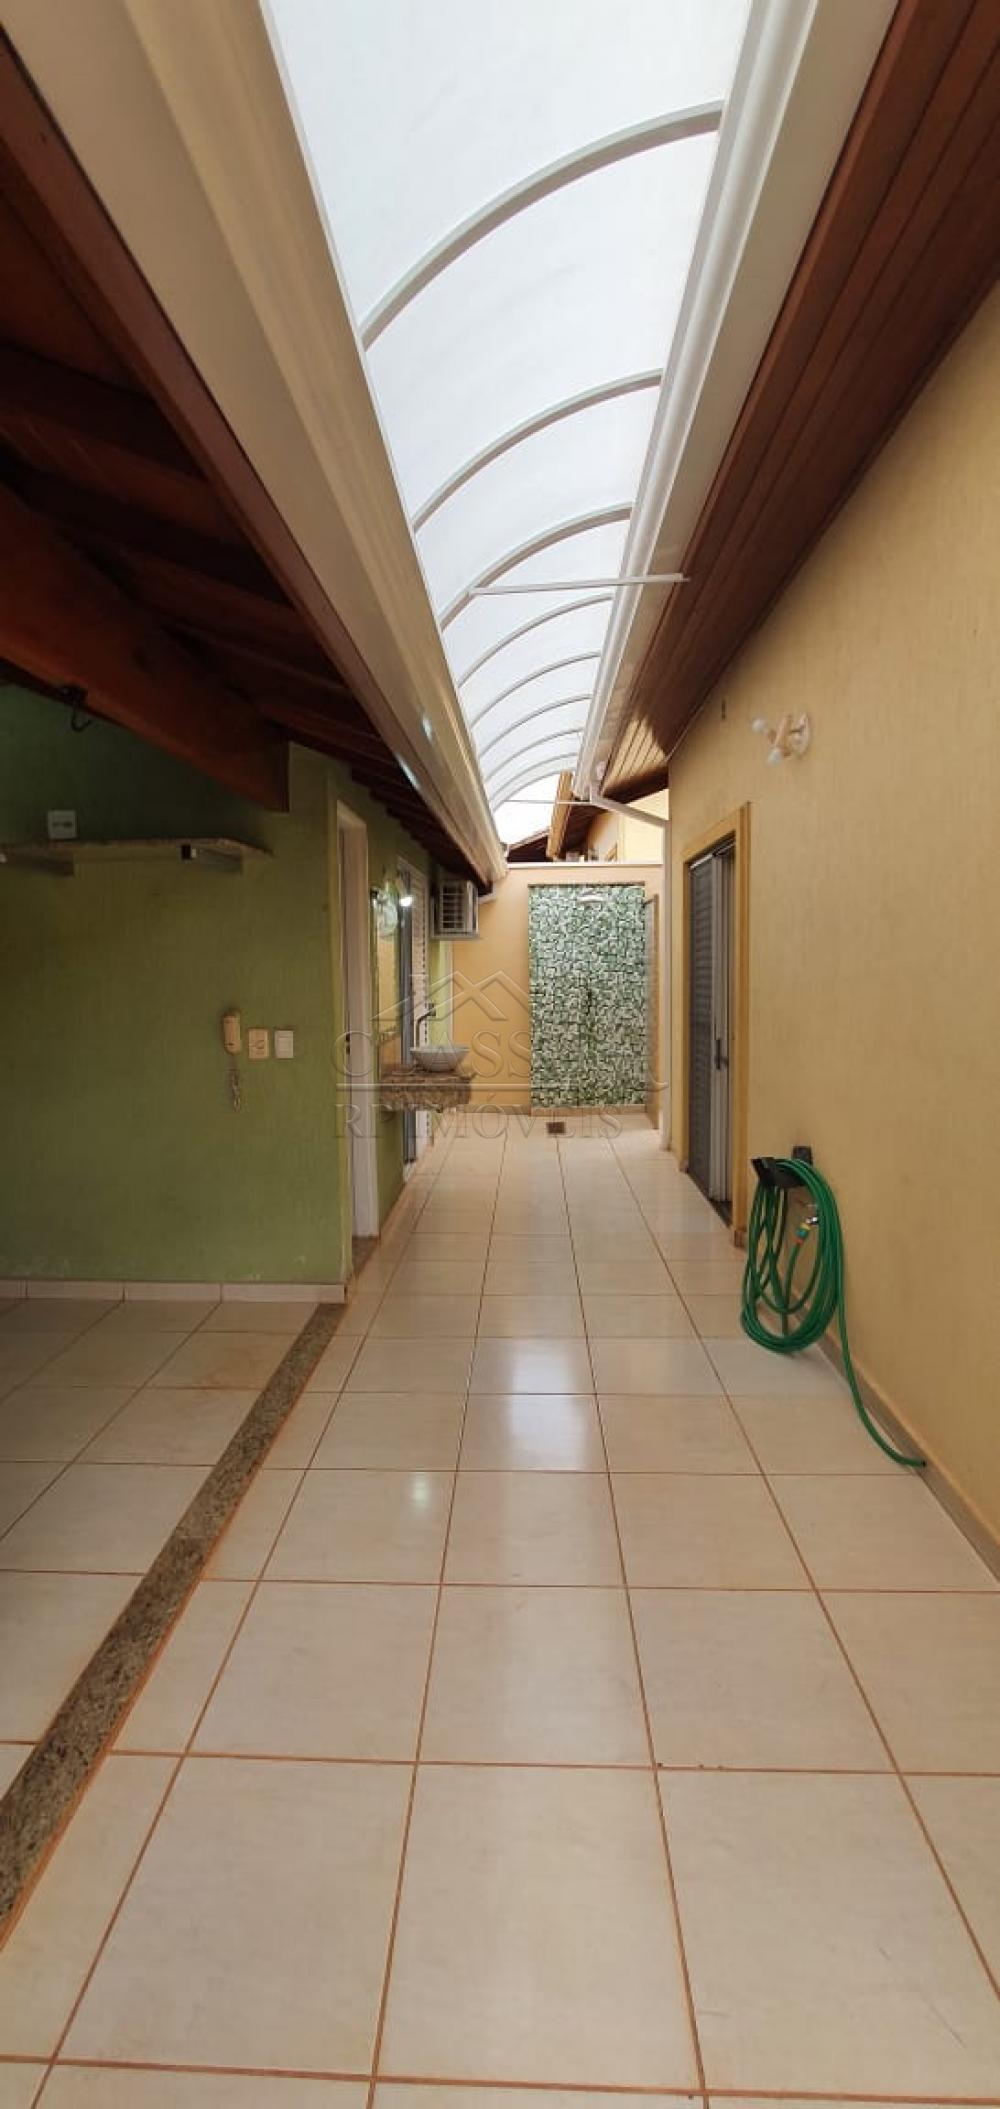 Comprar Casa / Condomínio - térrea em Ribeirão Preto R$ 650.000,00 - Foto 38